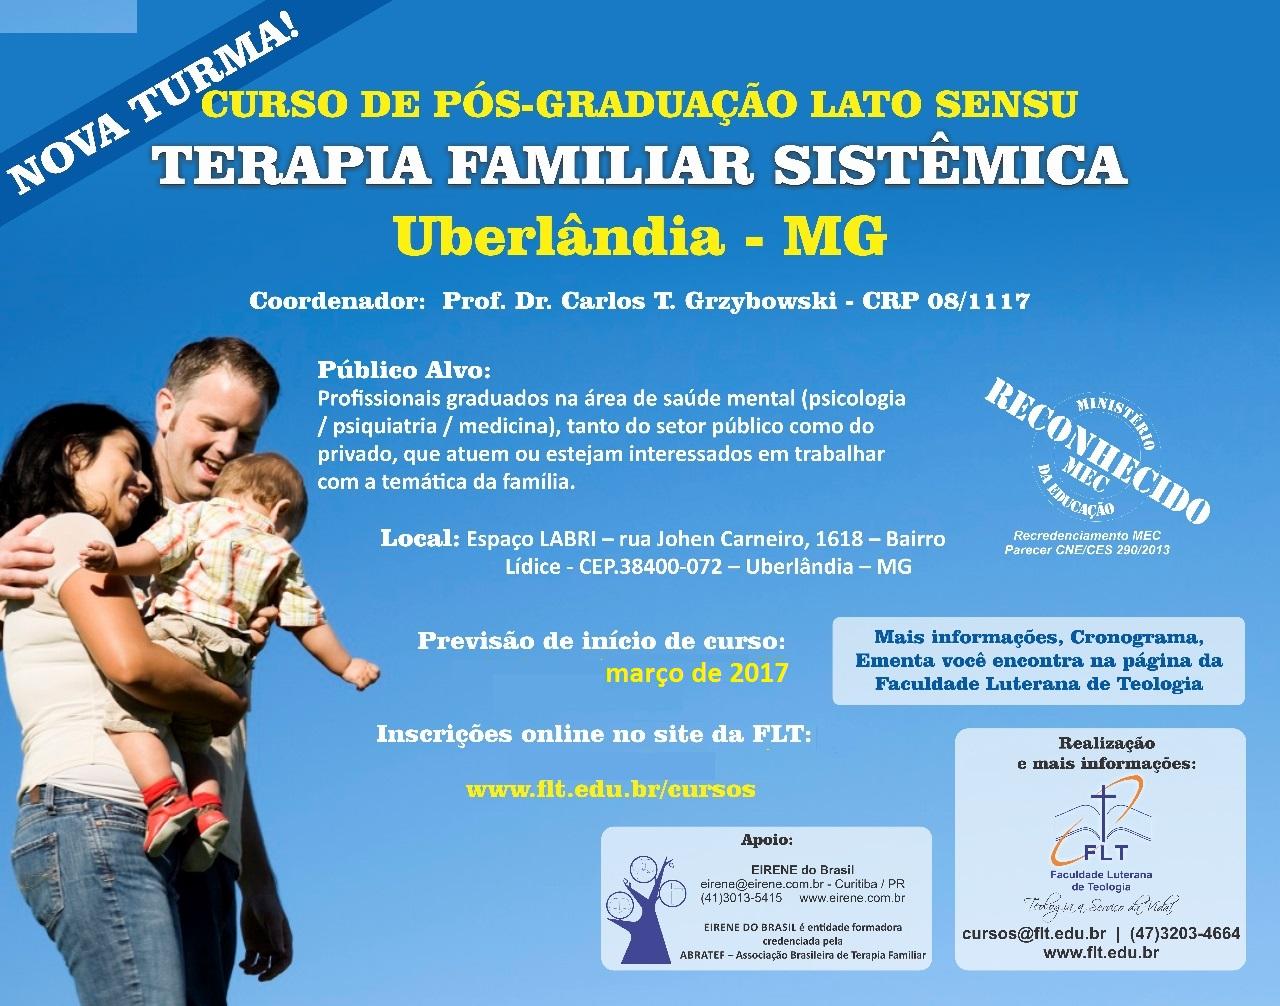 Curso de Pós-graduação em Terapia Familiar Sistêmica